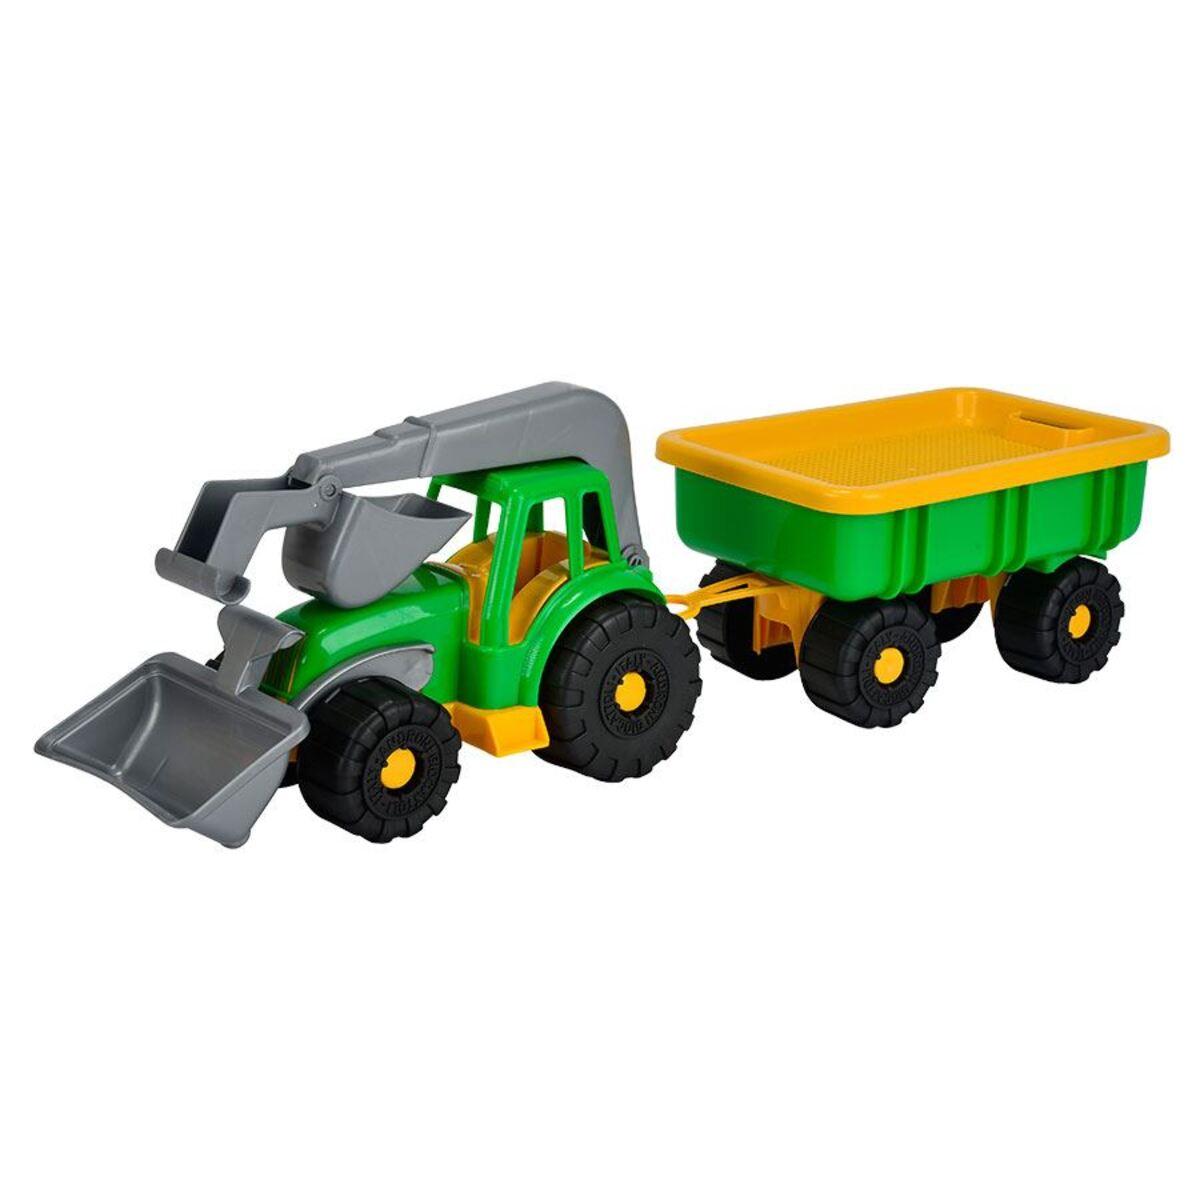 Bild 2 von Simba Spielzeug-Traktor mit Schaufel und Anhänger